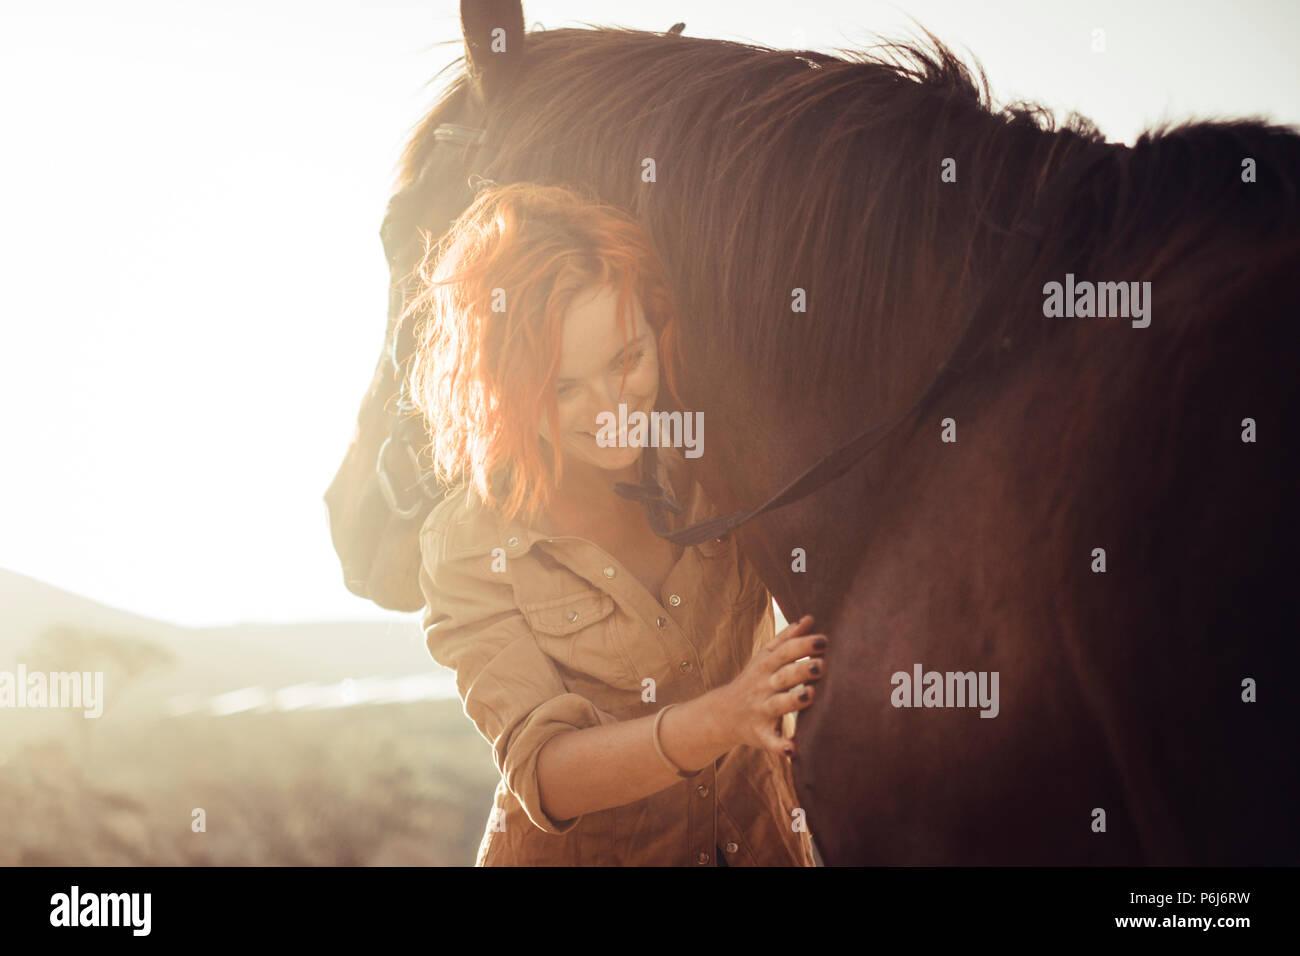 Il vero amore e amicizia concetto tra Nizza bella signora caucasica e sorprendente cavallo. tramonto e retroilluminazione. la dolcezza e la tenerezza di cavallo Immagini Stock